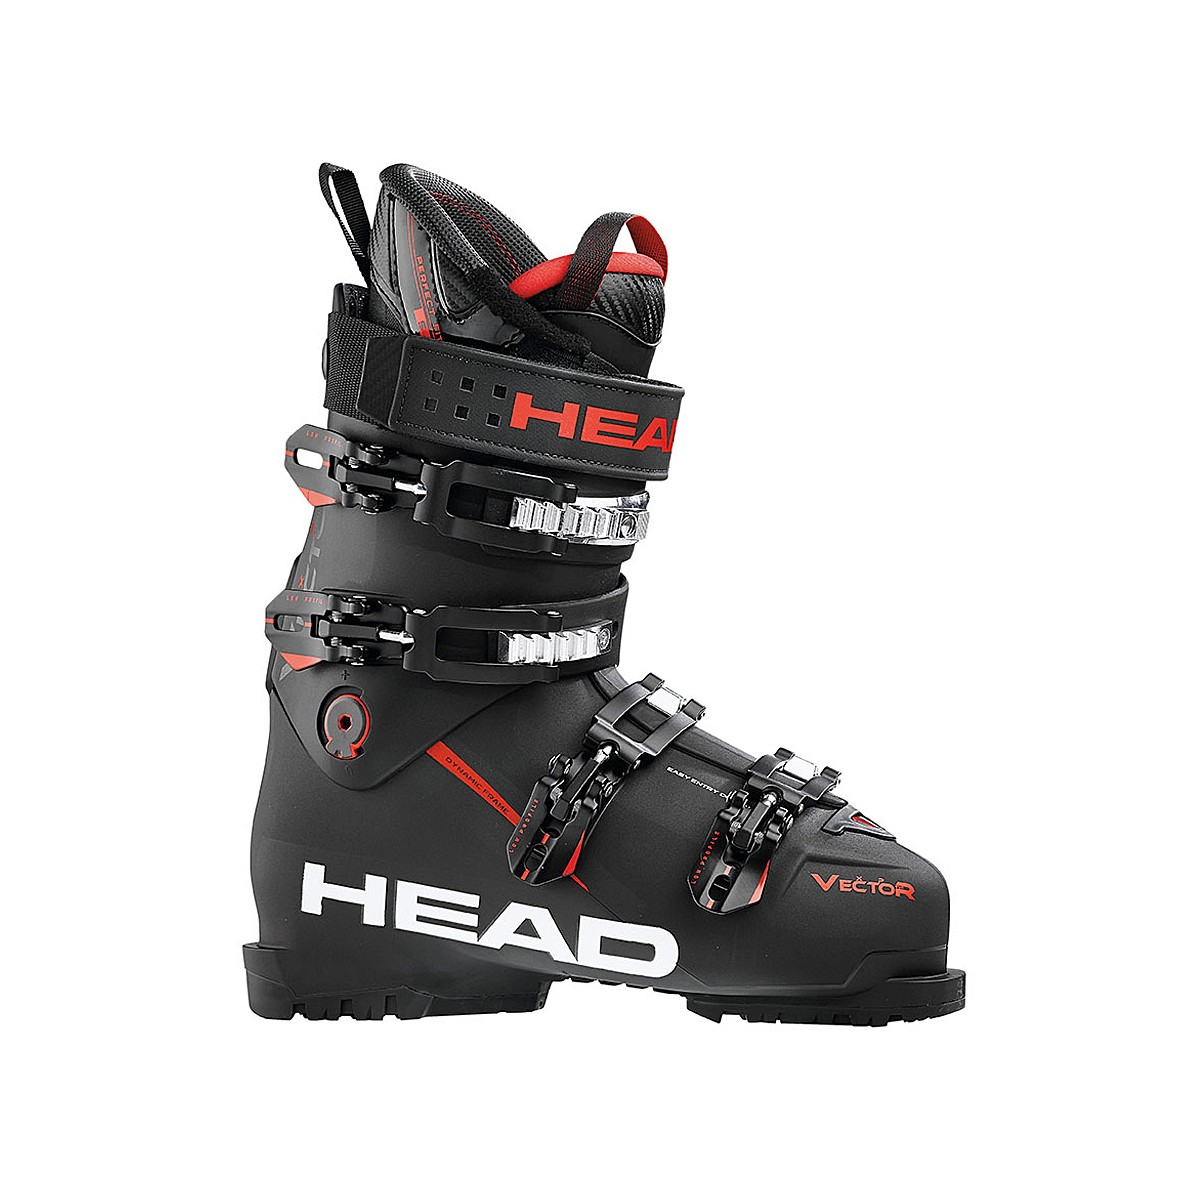 Scarponi sci Head Vector Evo Xp (Colore: nero-rosso, Taglia: 30)